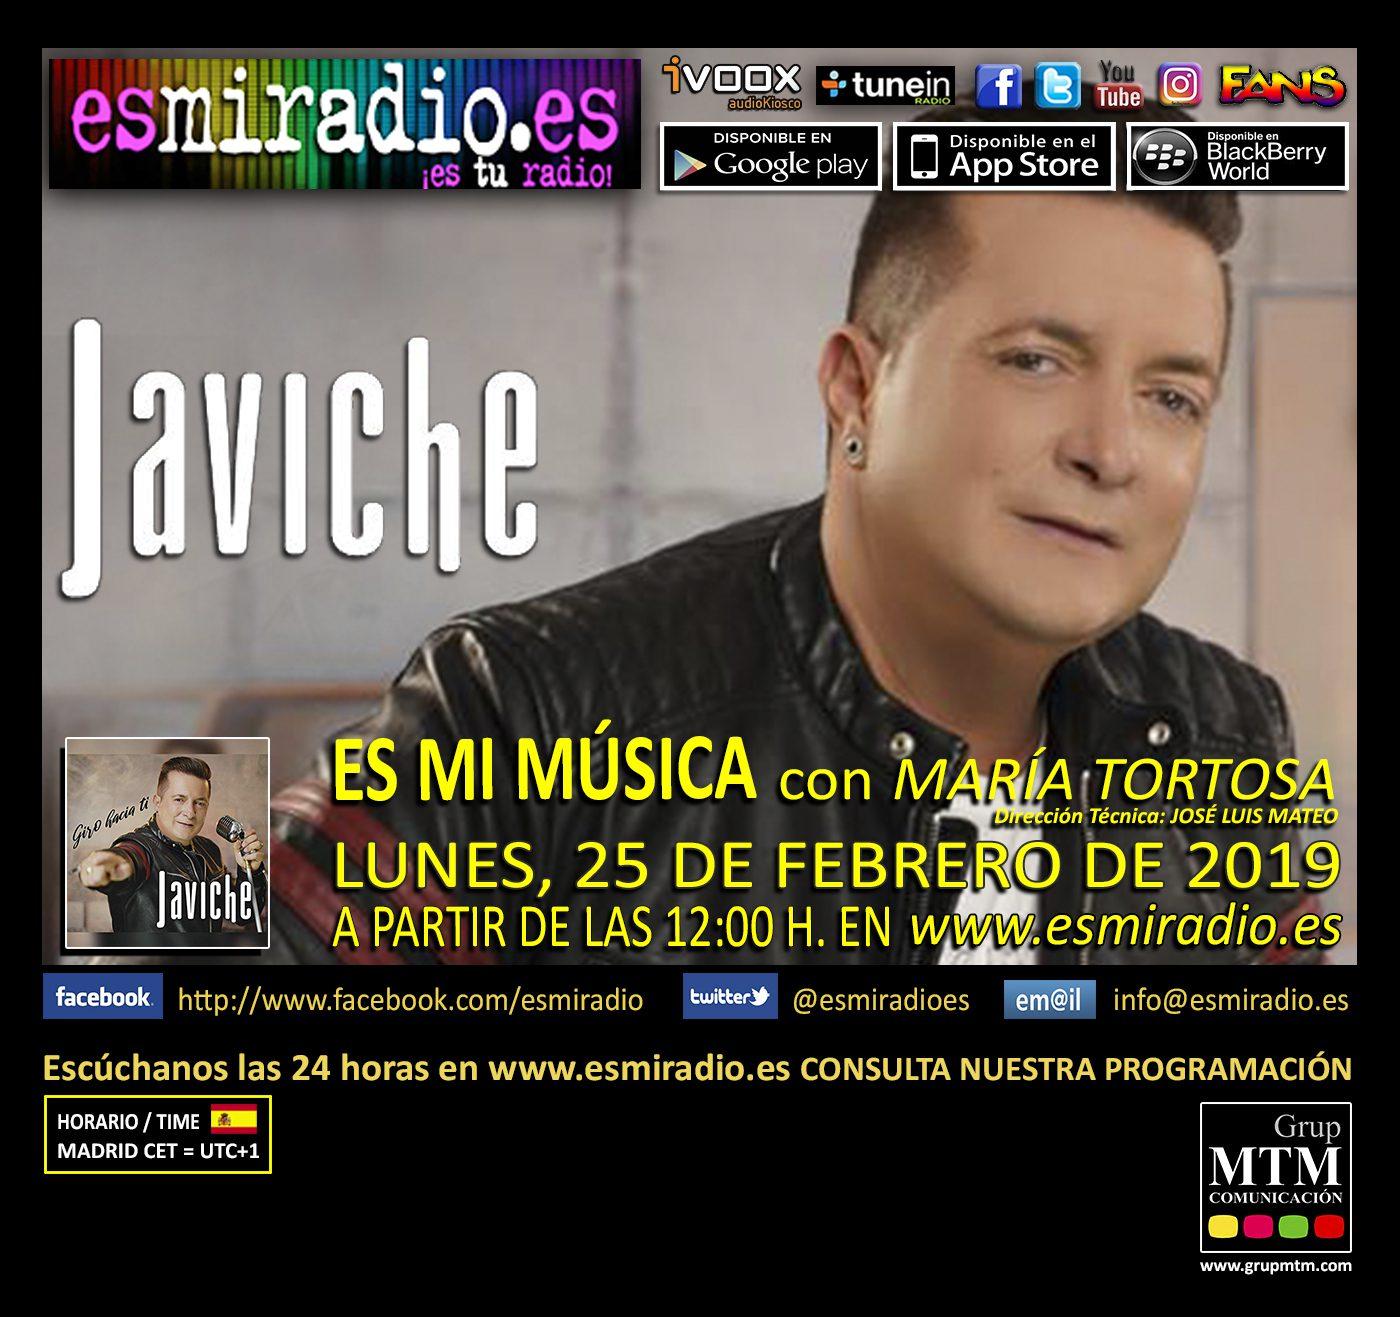 Javiche en esmiradio.es el Lunes, 25 de Febrero de 2019